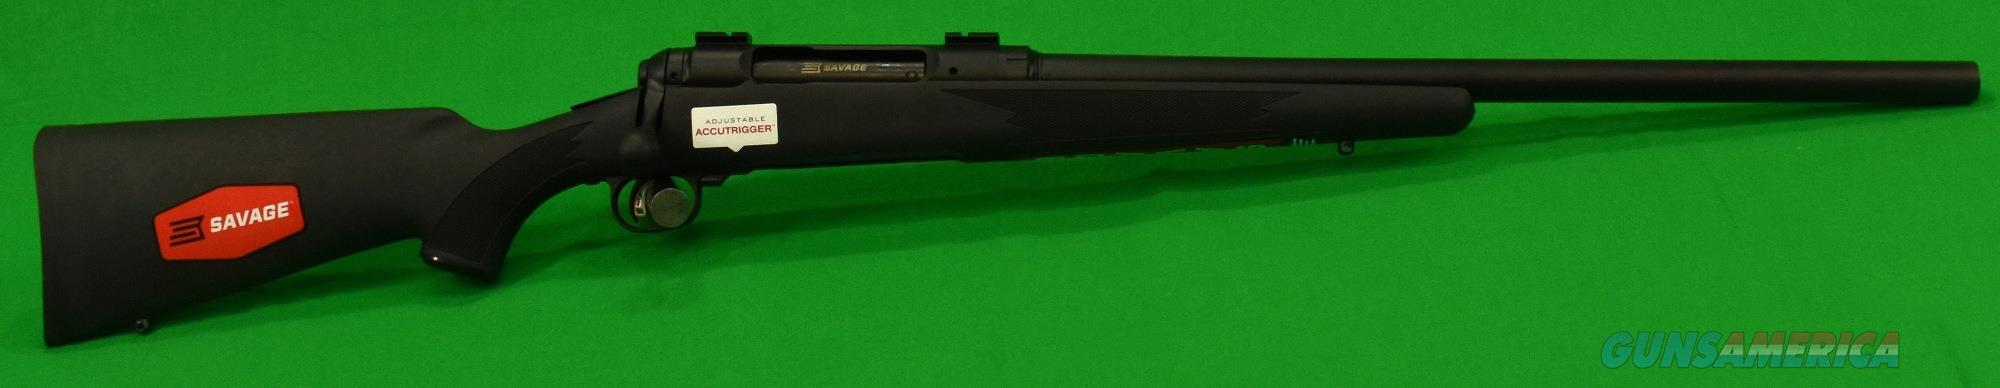 212 Slug Gun Syn Black 12Ga 22-3In 19042  Guns > Shotguns > Savage Shotguns